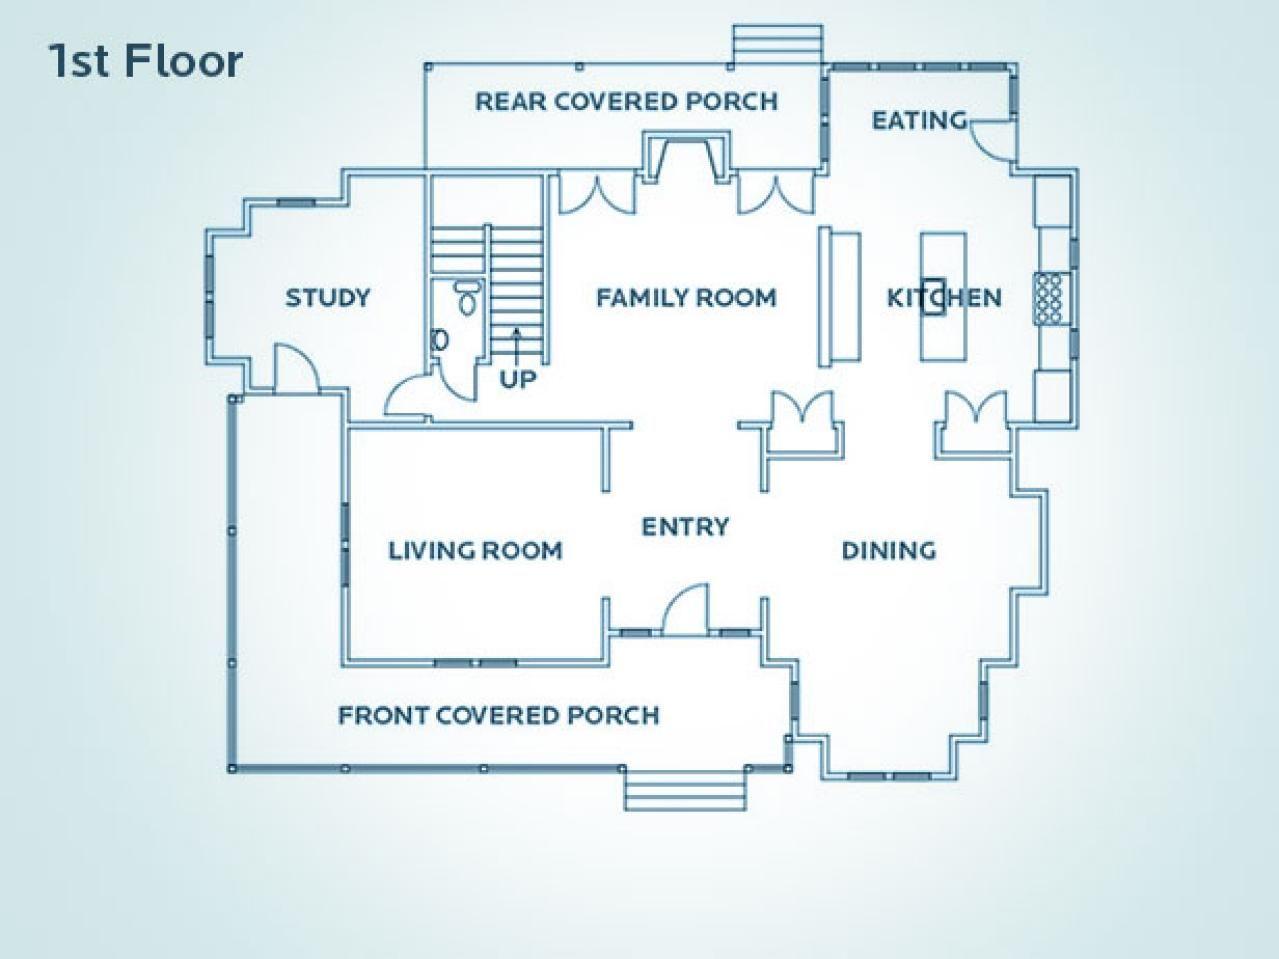 Floor Plan for HGTV Dream Home 2009 Free floor plans